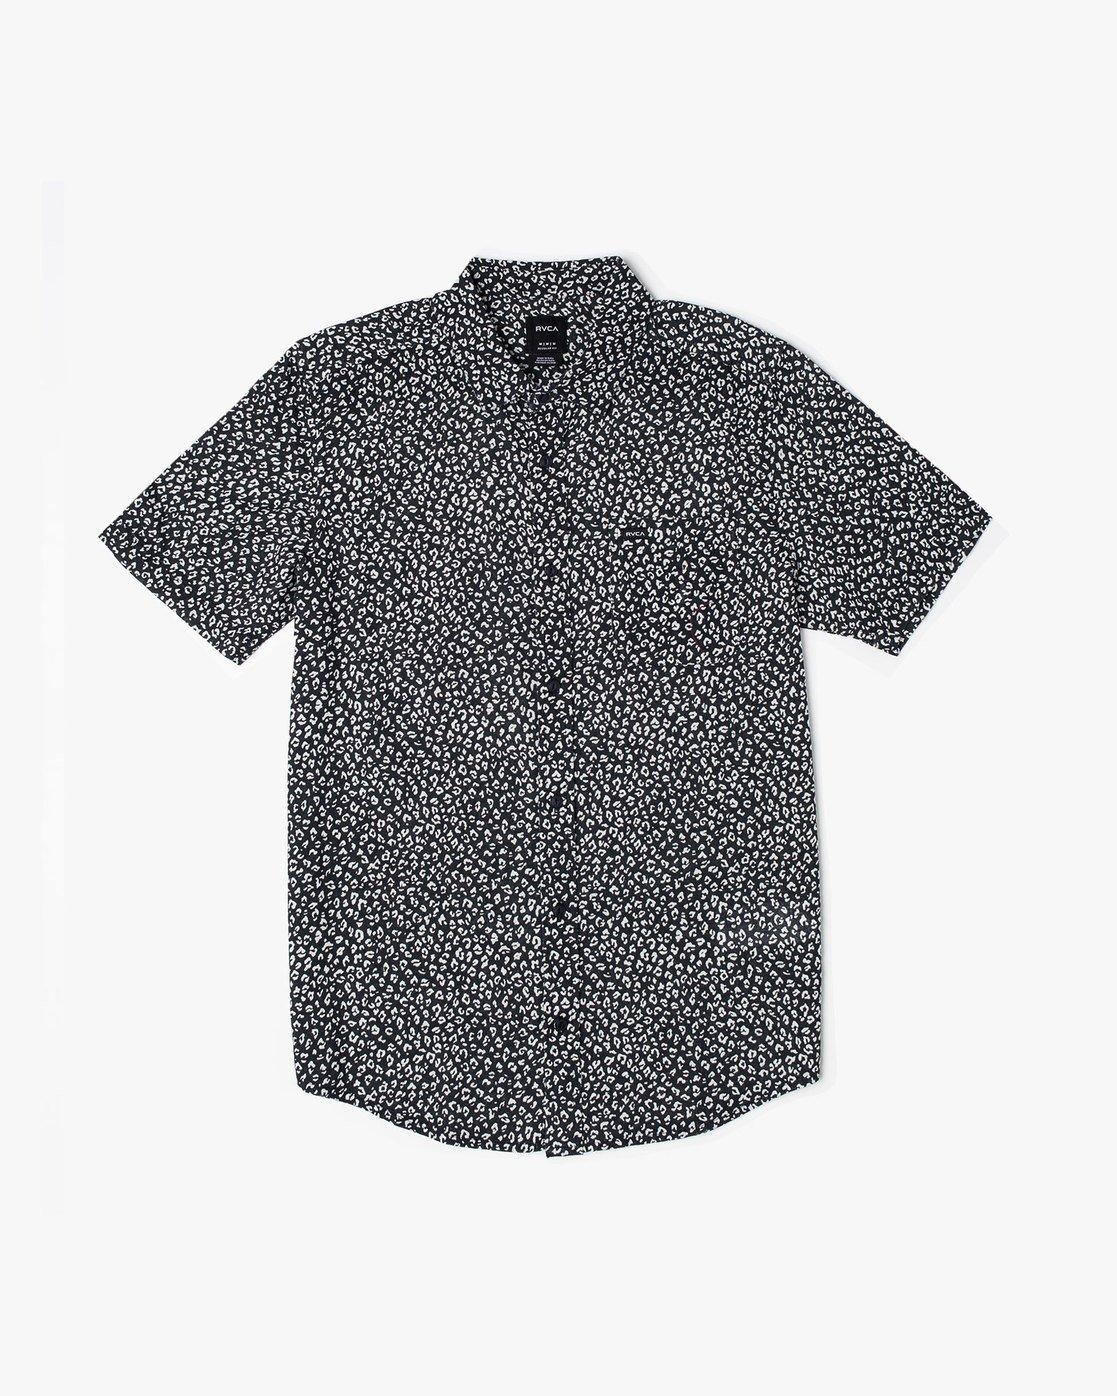 0 Presido - Printed Shirt for Men Black S1SHRKRVP0 RVCA